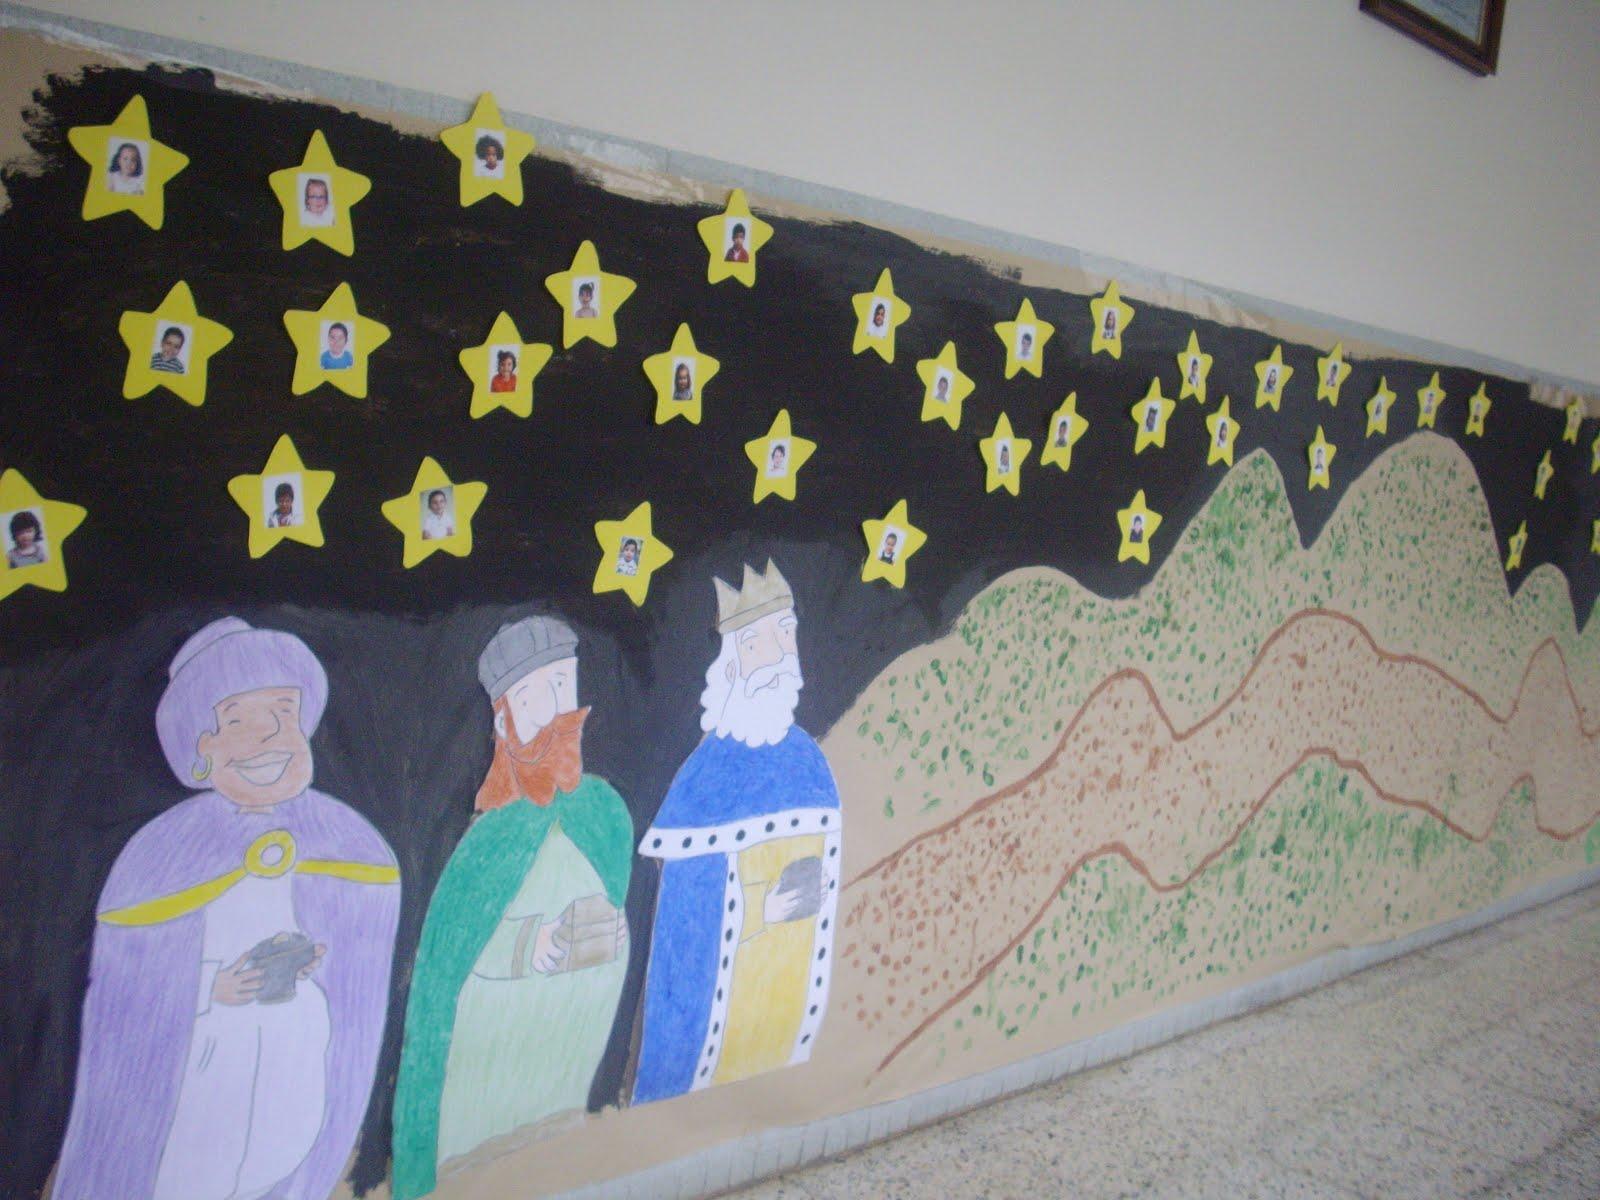 Educaci n infantil mural de navidad - Mural navidad infantil ...